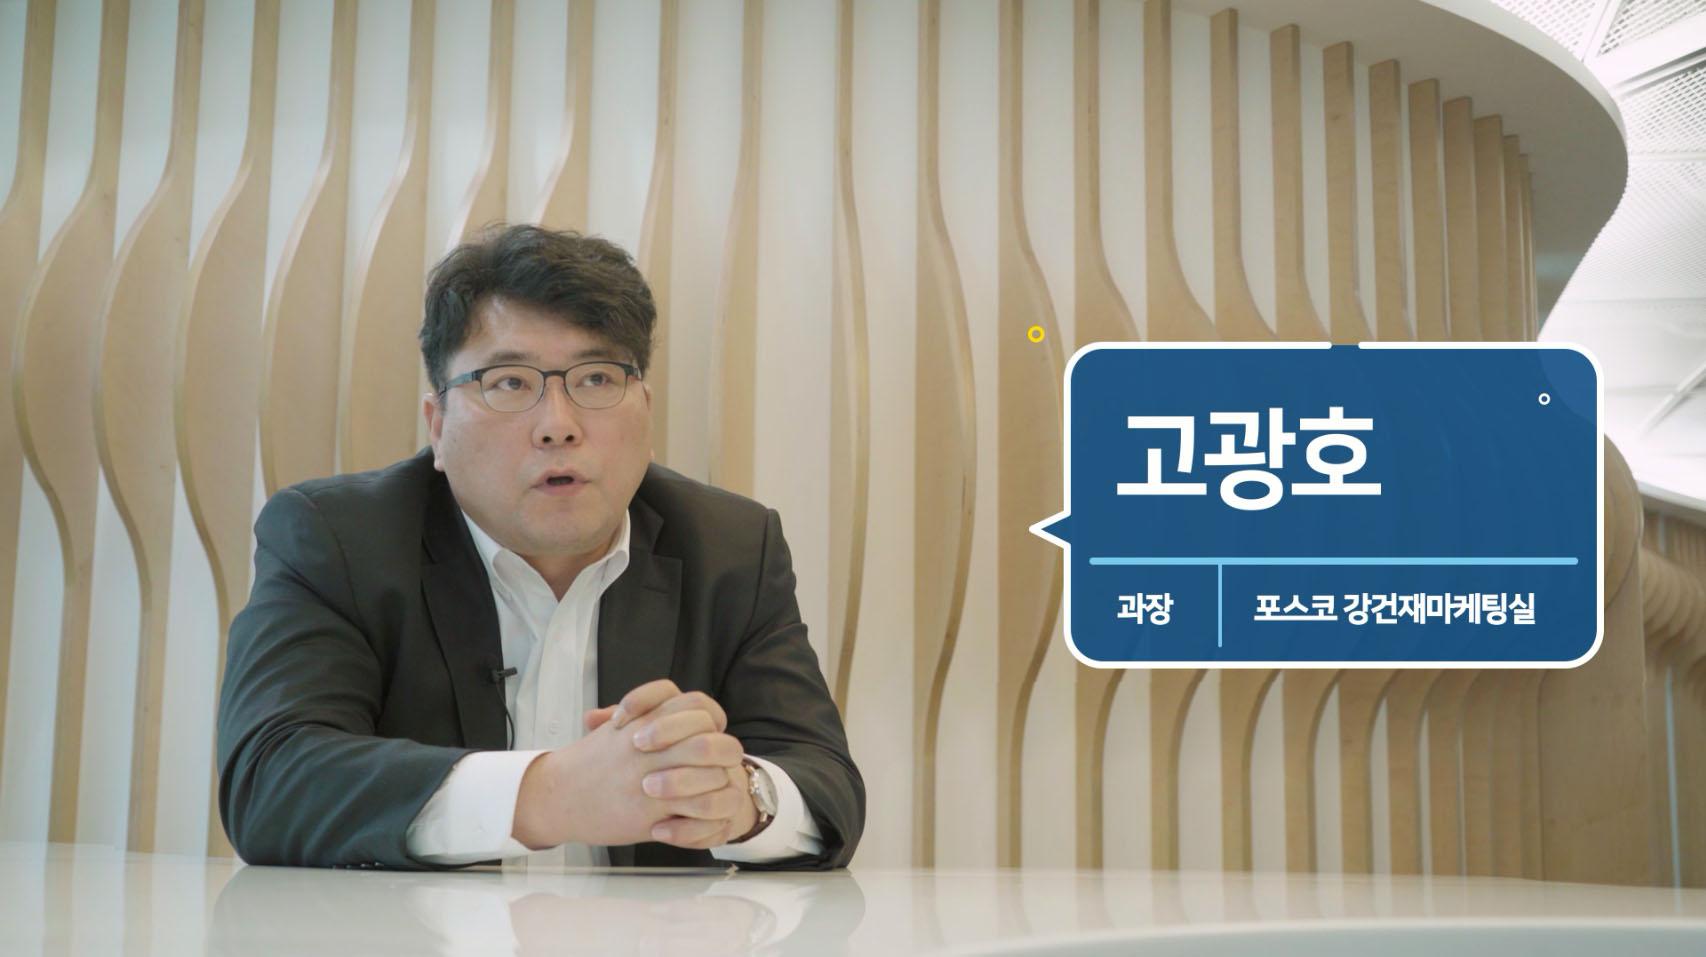 고광호 포스코 강건재마케팅실 과장